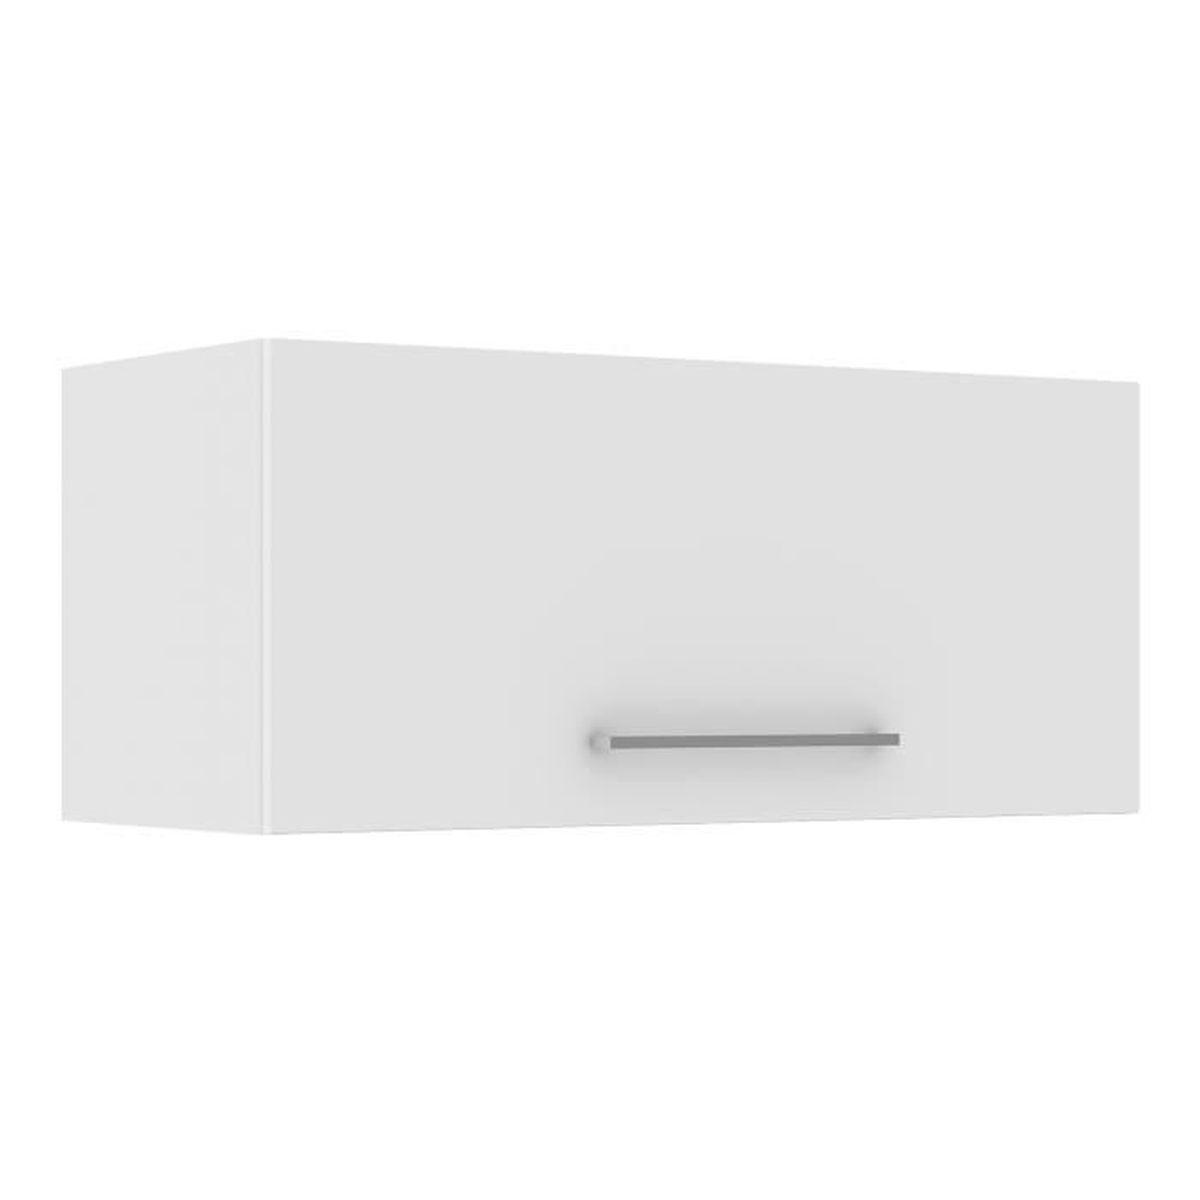 Meuble cuisine haut porte vitre affordable meuble cuisine for Meuble haut porte relevante